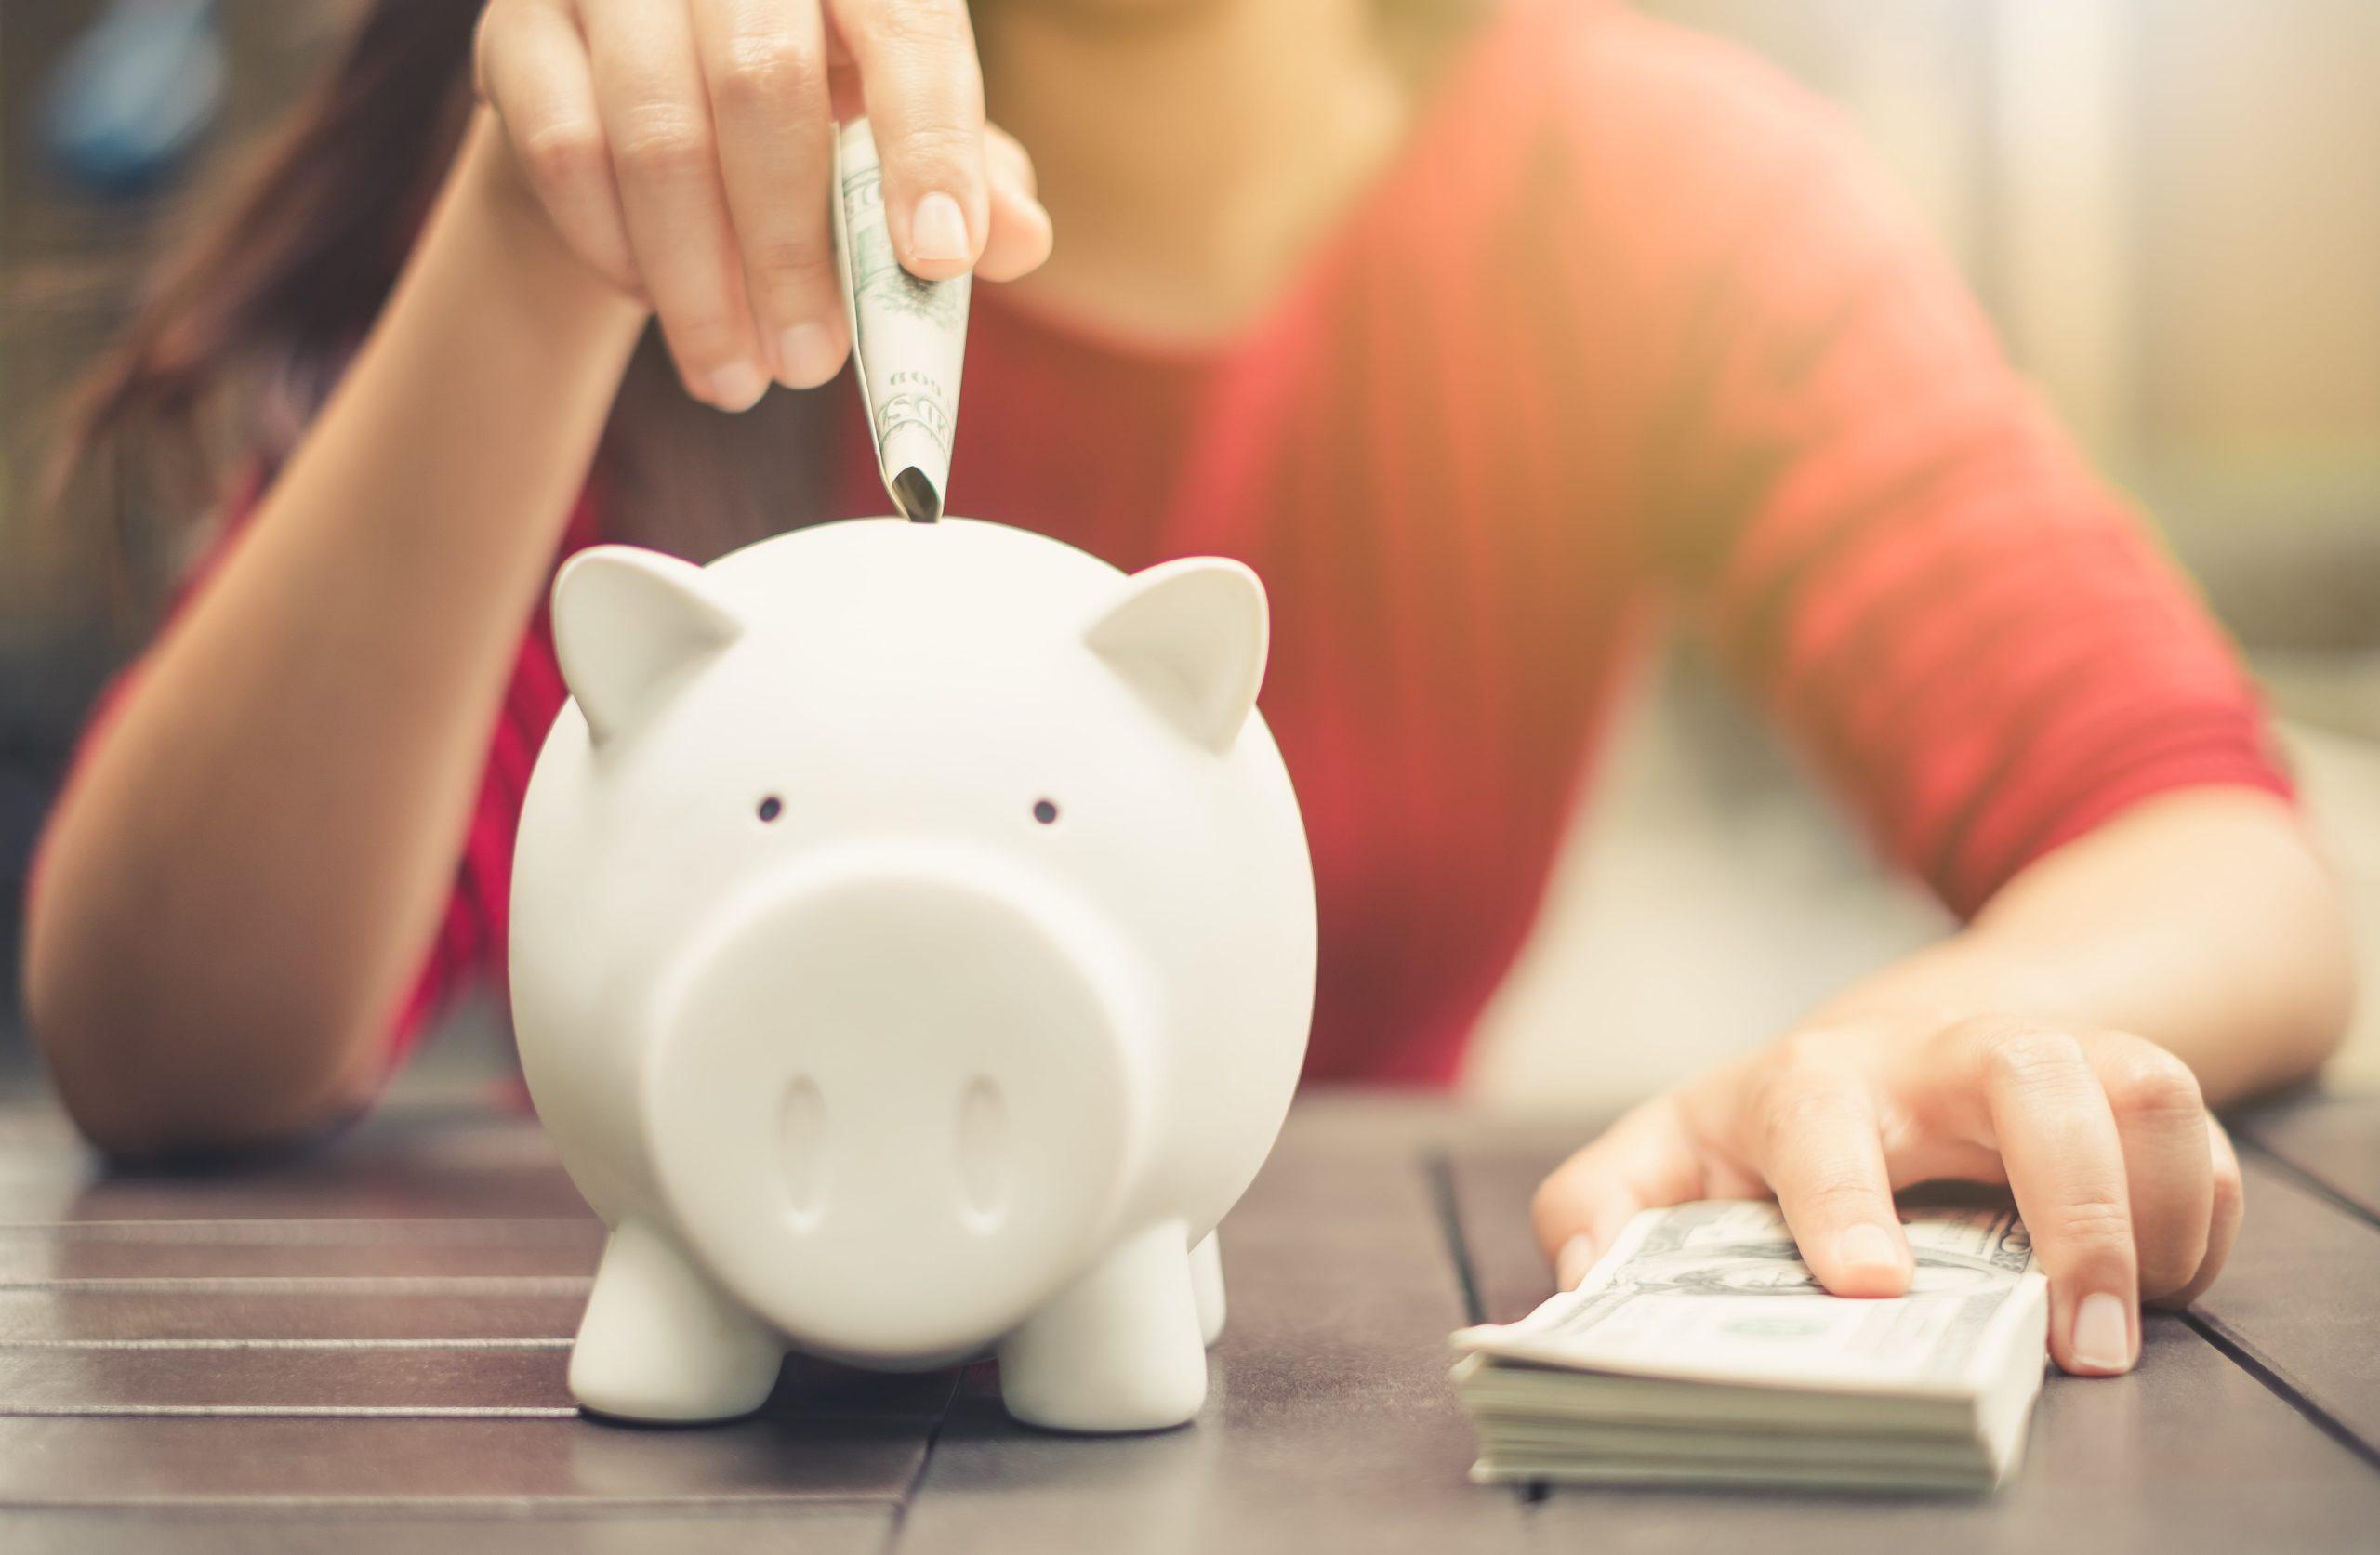 Economia: Aprenda a reduzir os gastos dentro de casa com 5 dicas simples